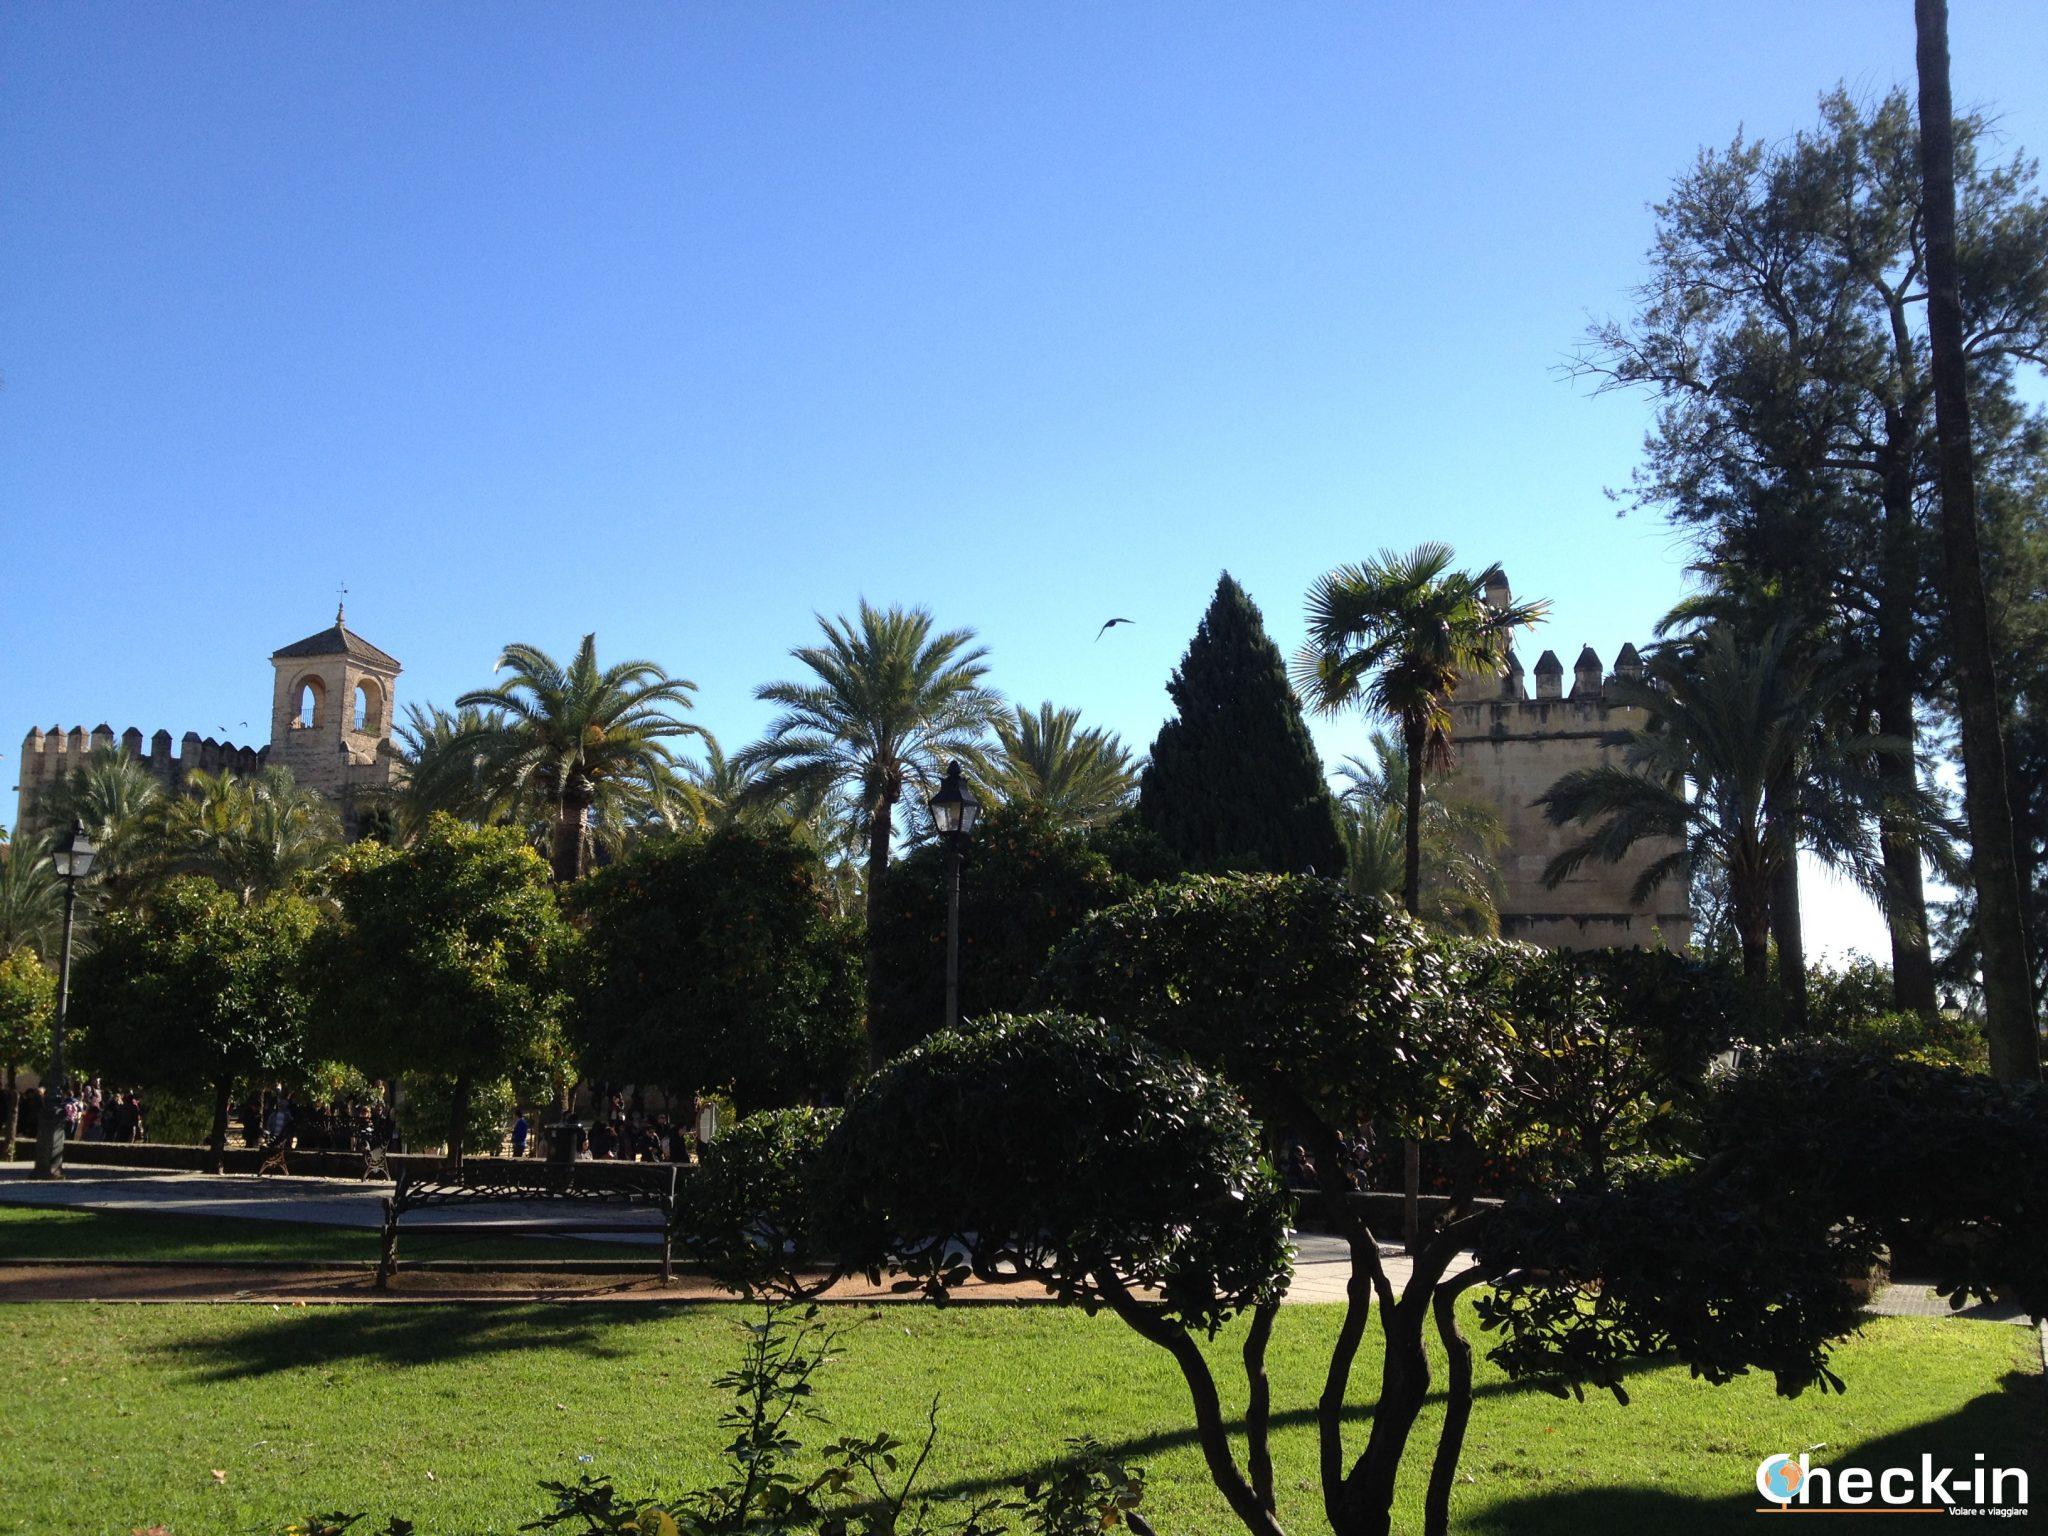 Luoghi da visitare a Cordoba in un giorno: l'Alcázar - Andalusia, Spagna del sud